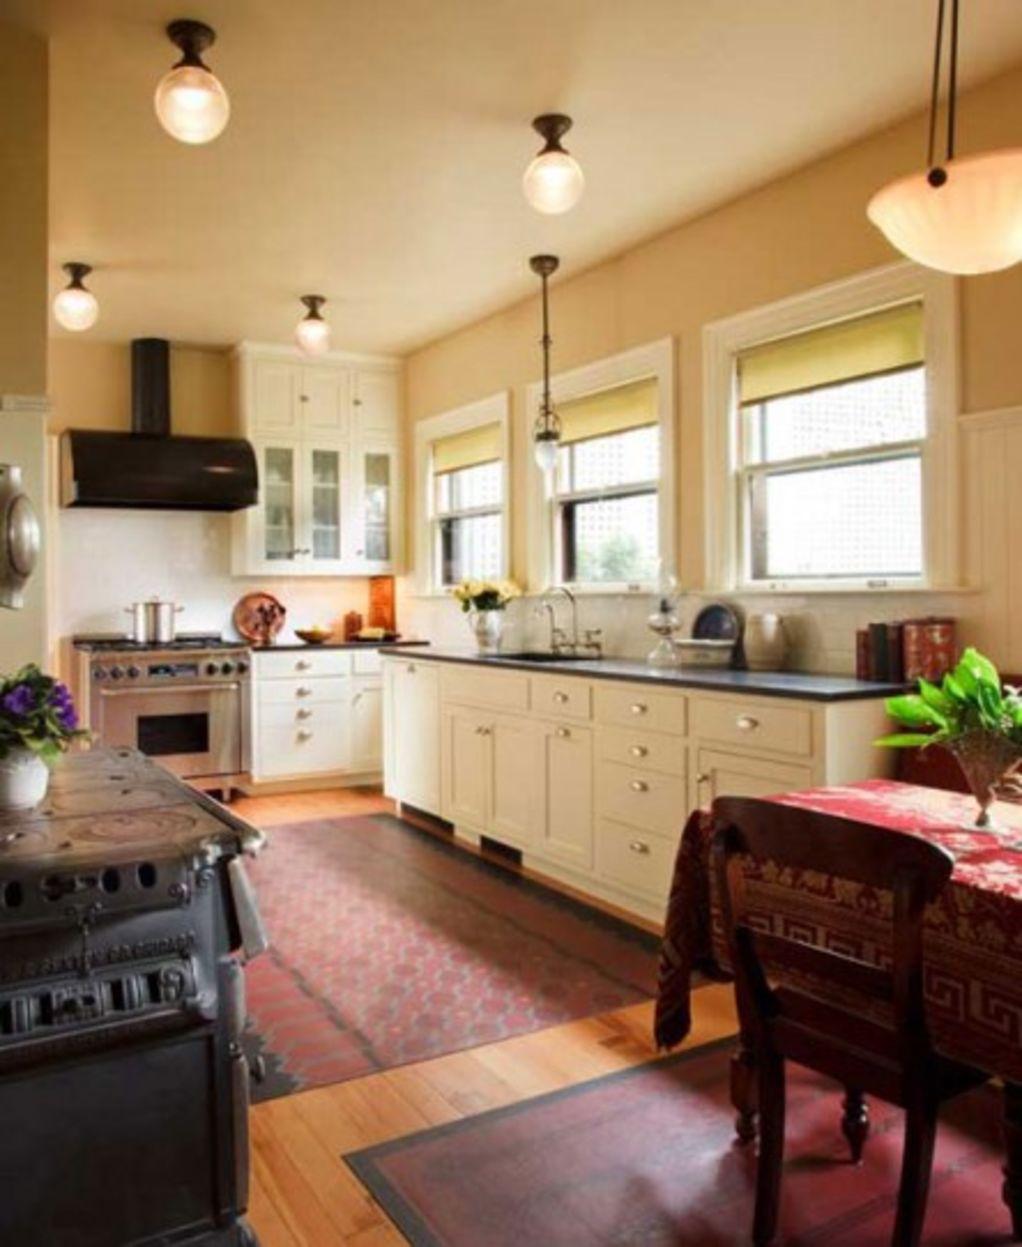 Bungalow Kitchen, 1920s Kitchen